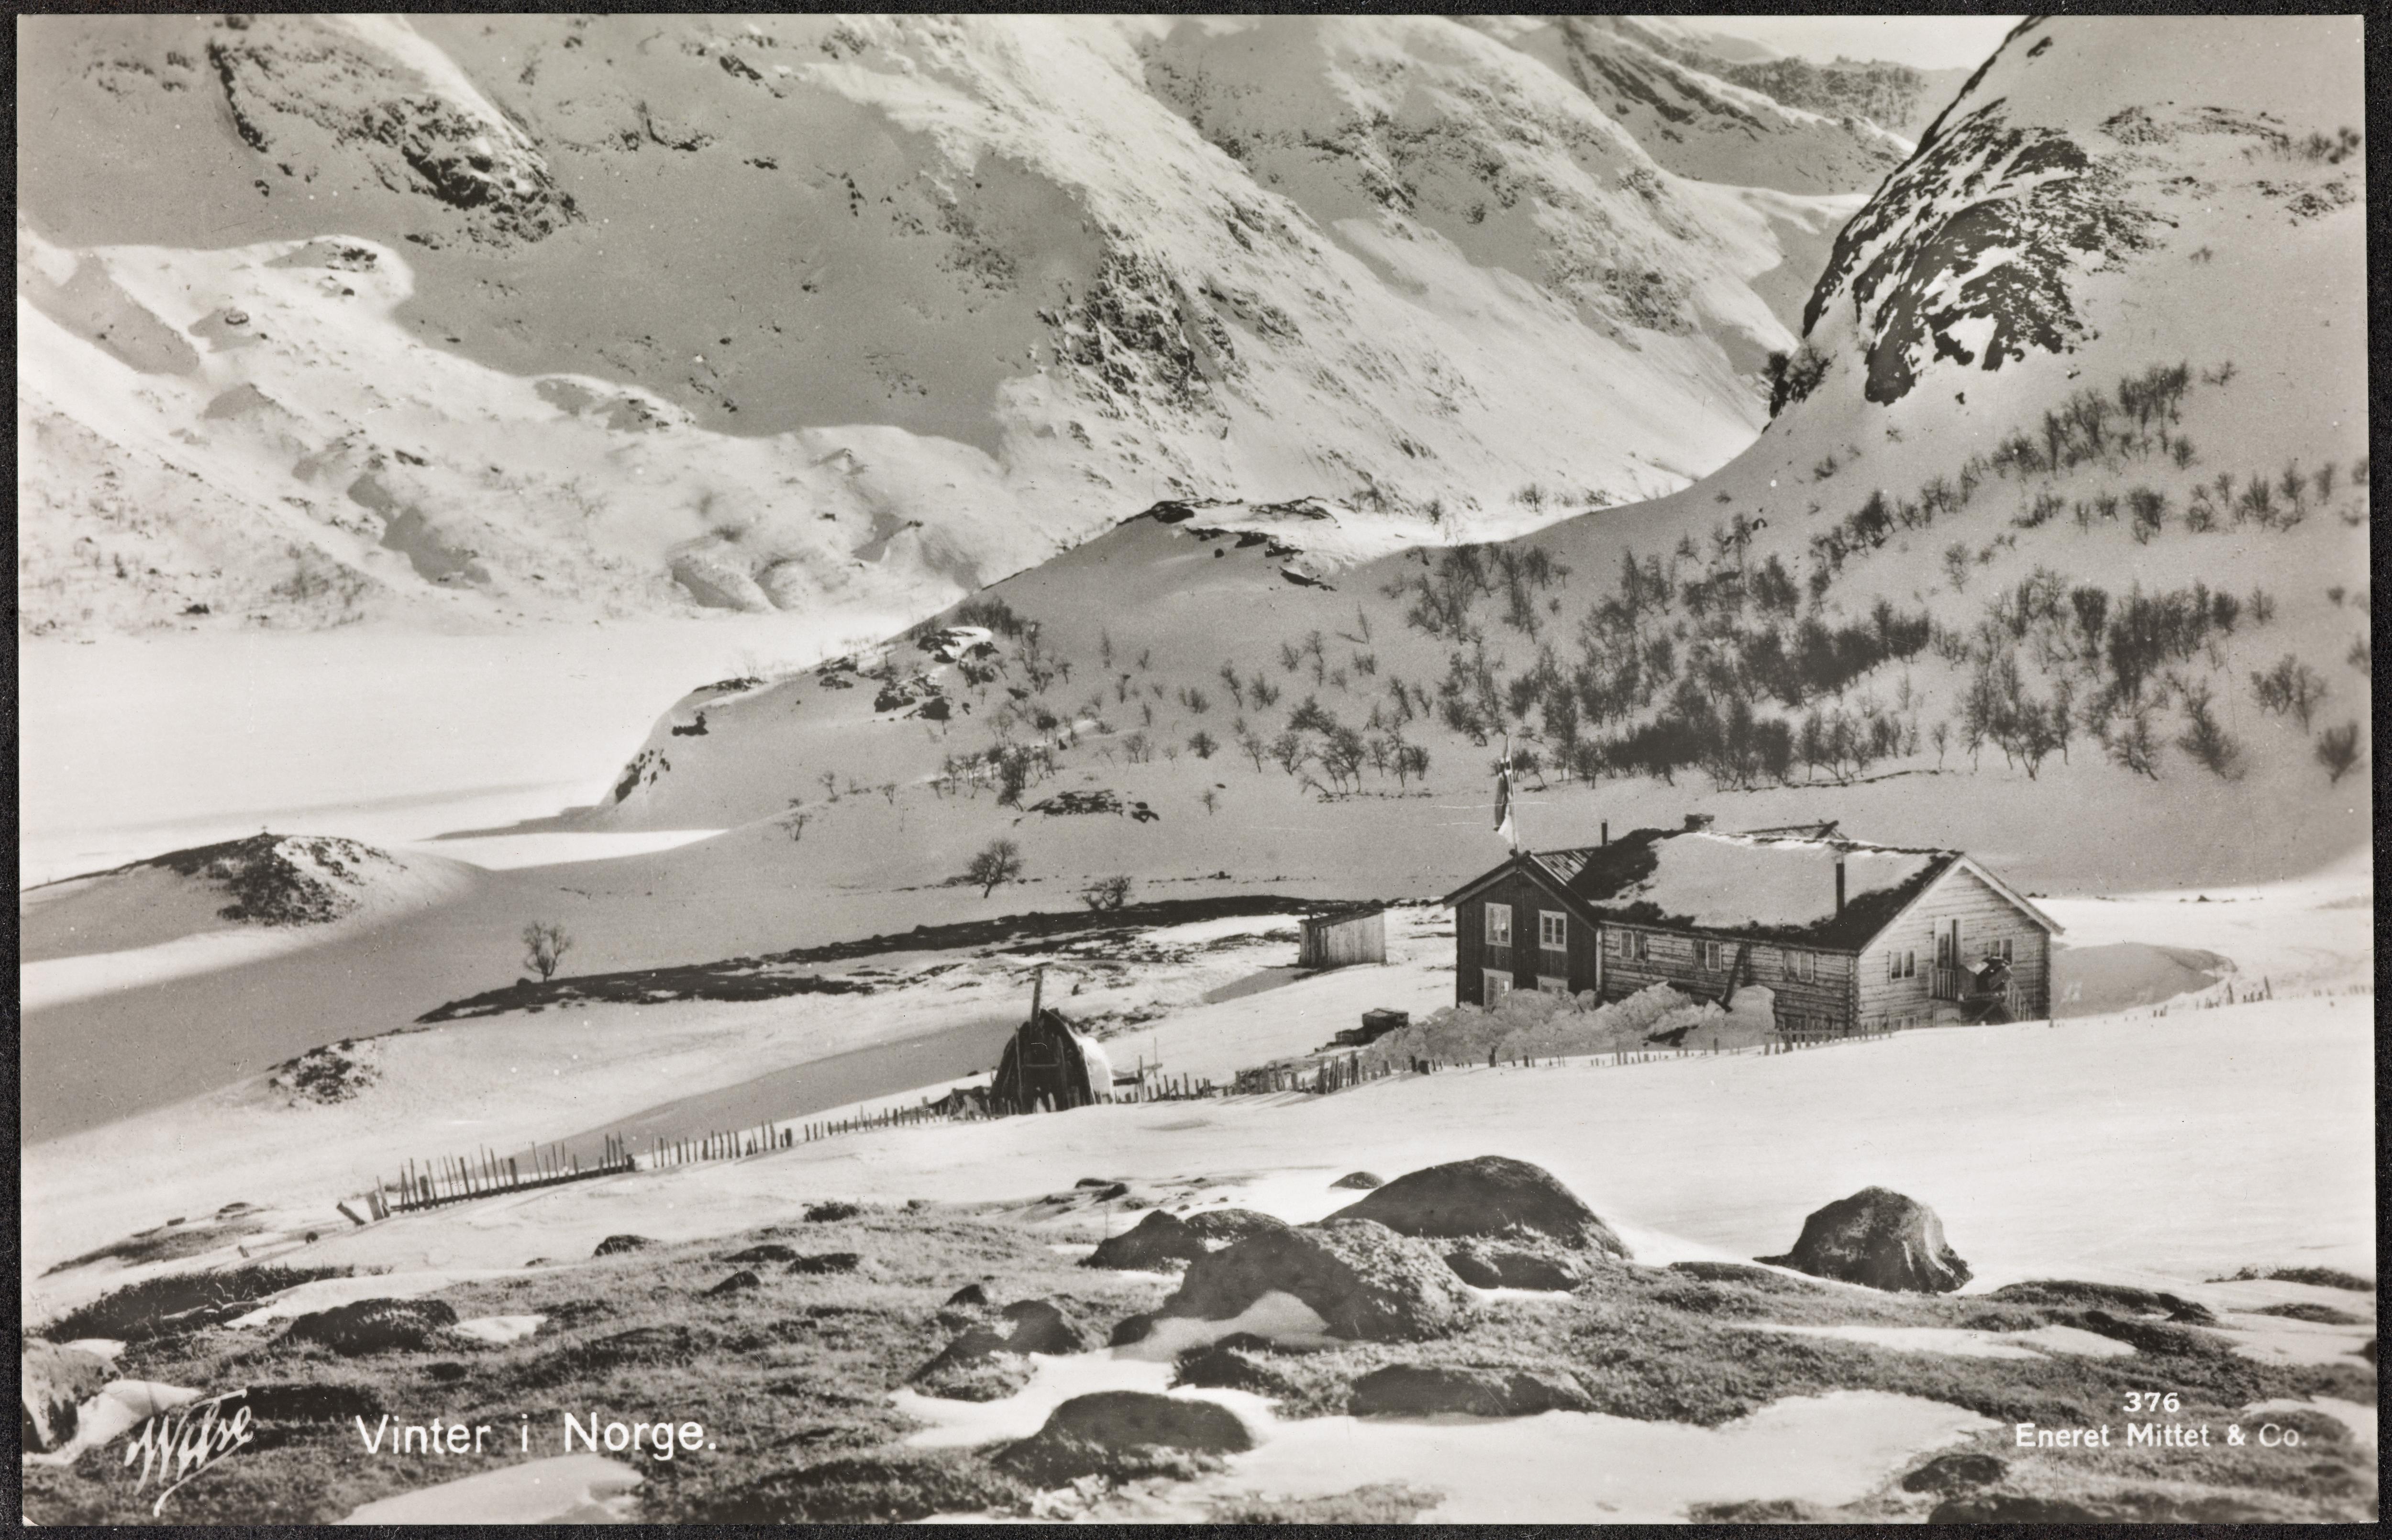 376. Vinter i Norge